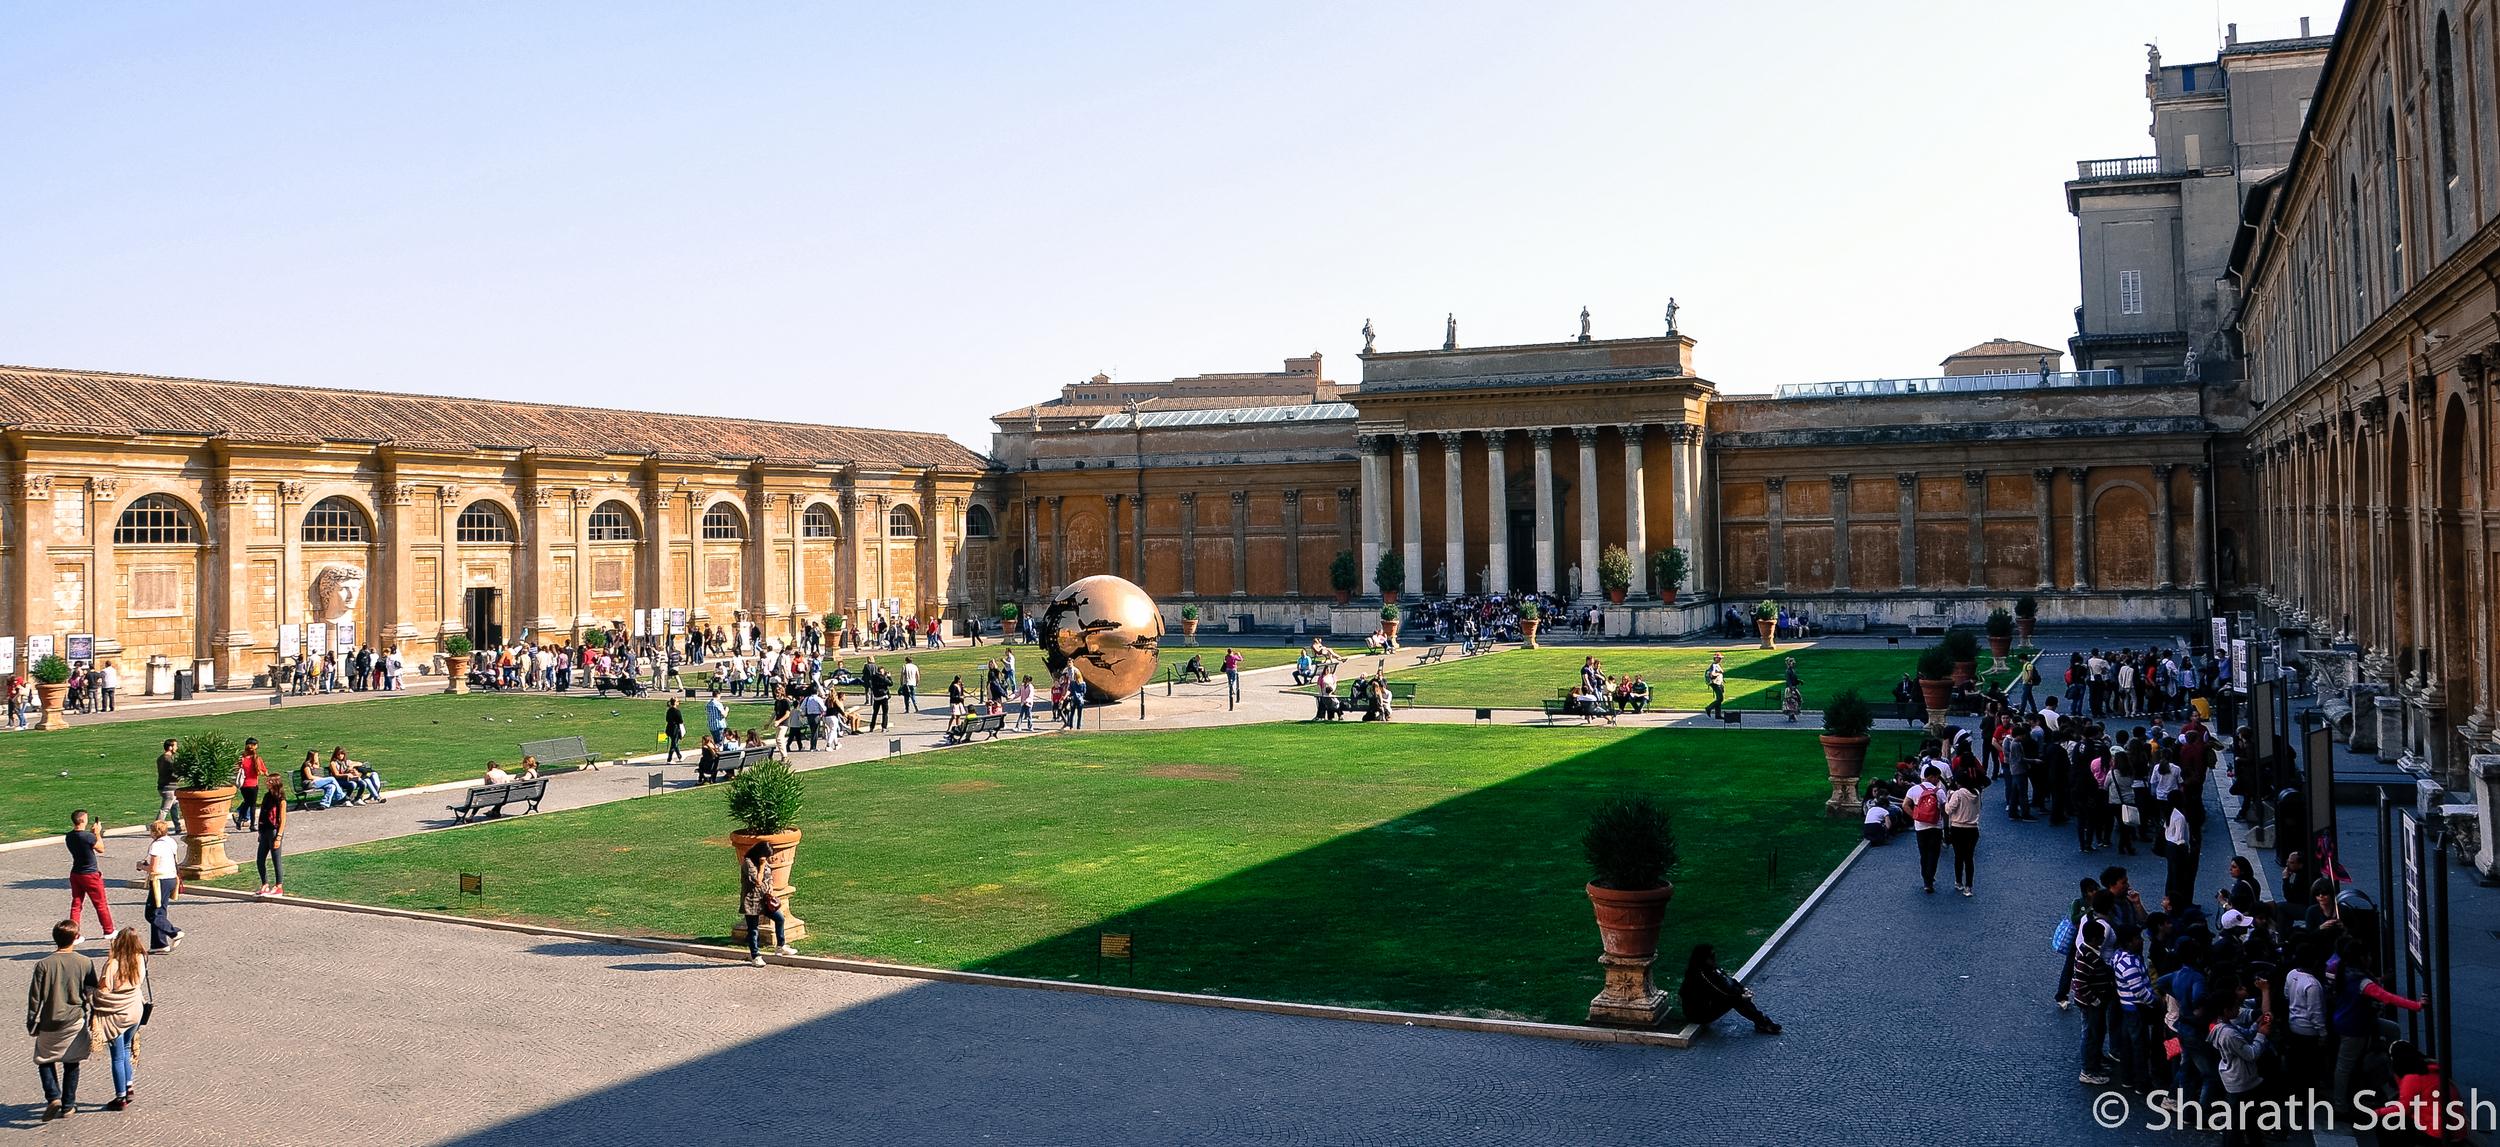 Cortile del Belvedere - Lower Courtyard Musei Vaticani